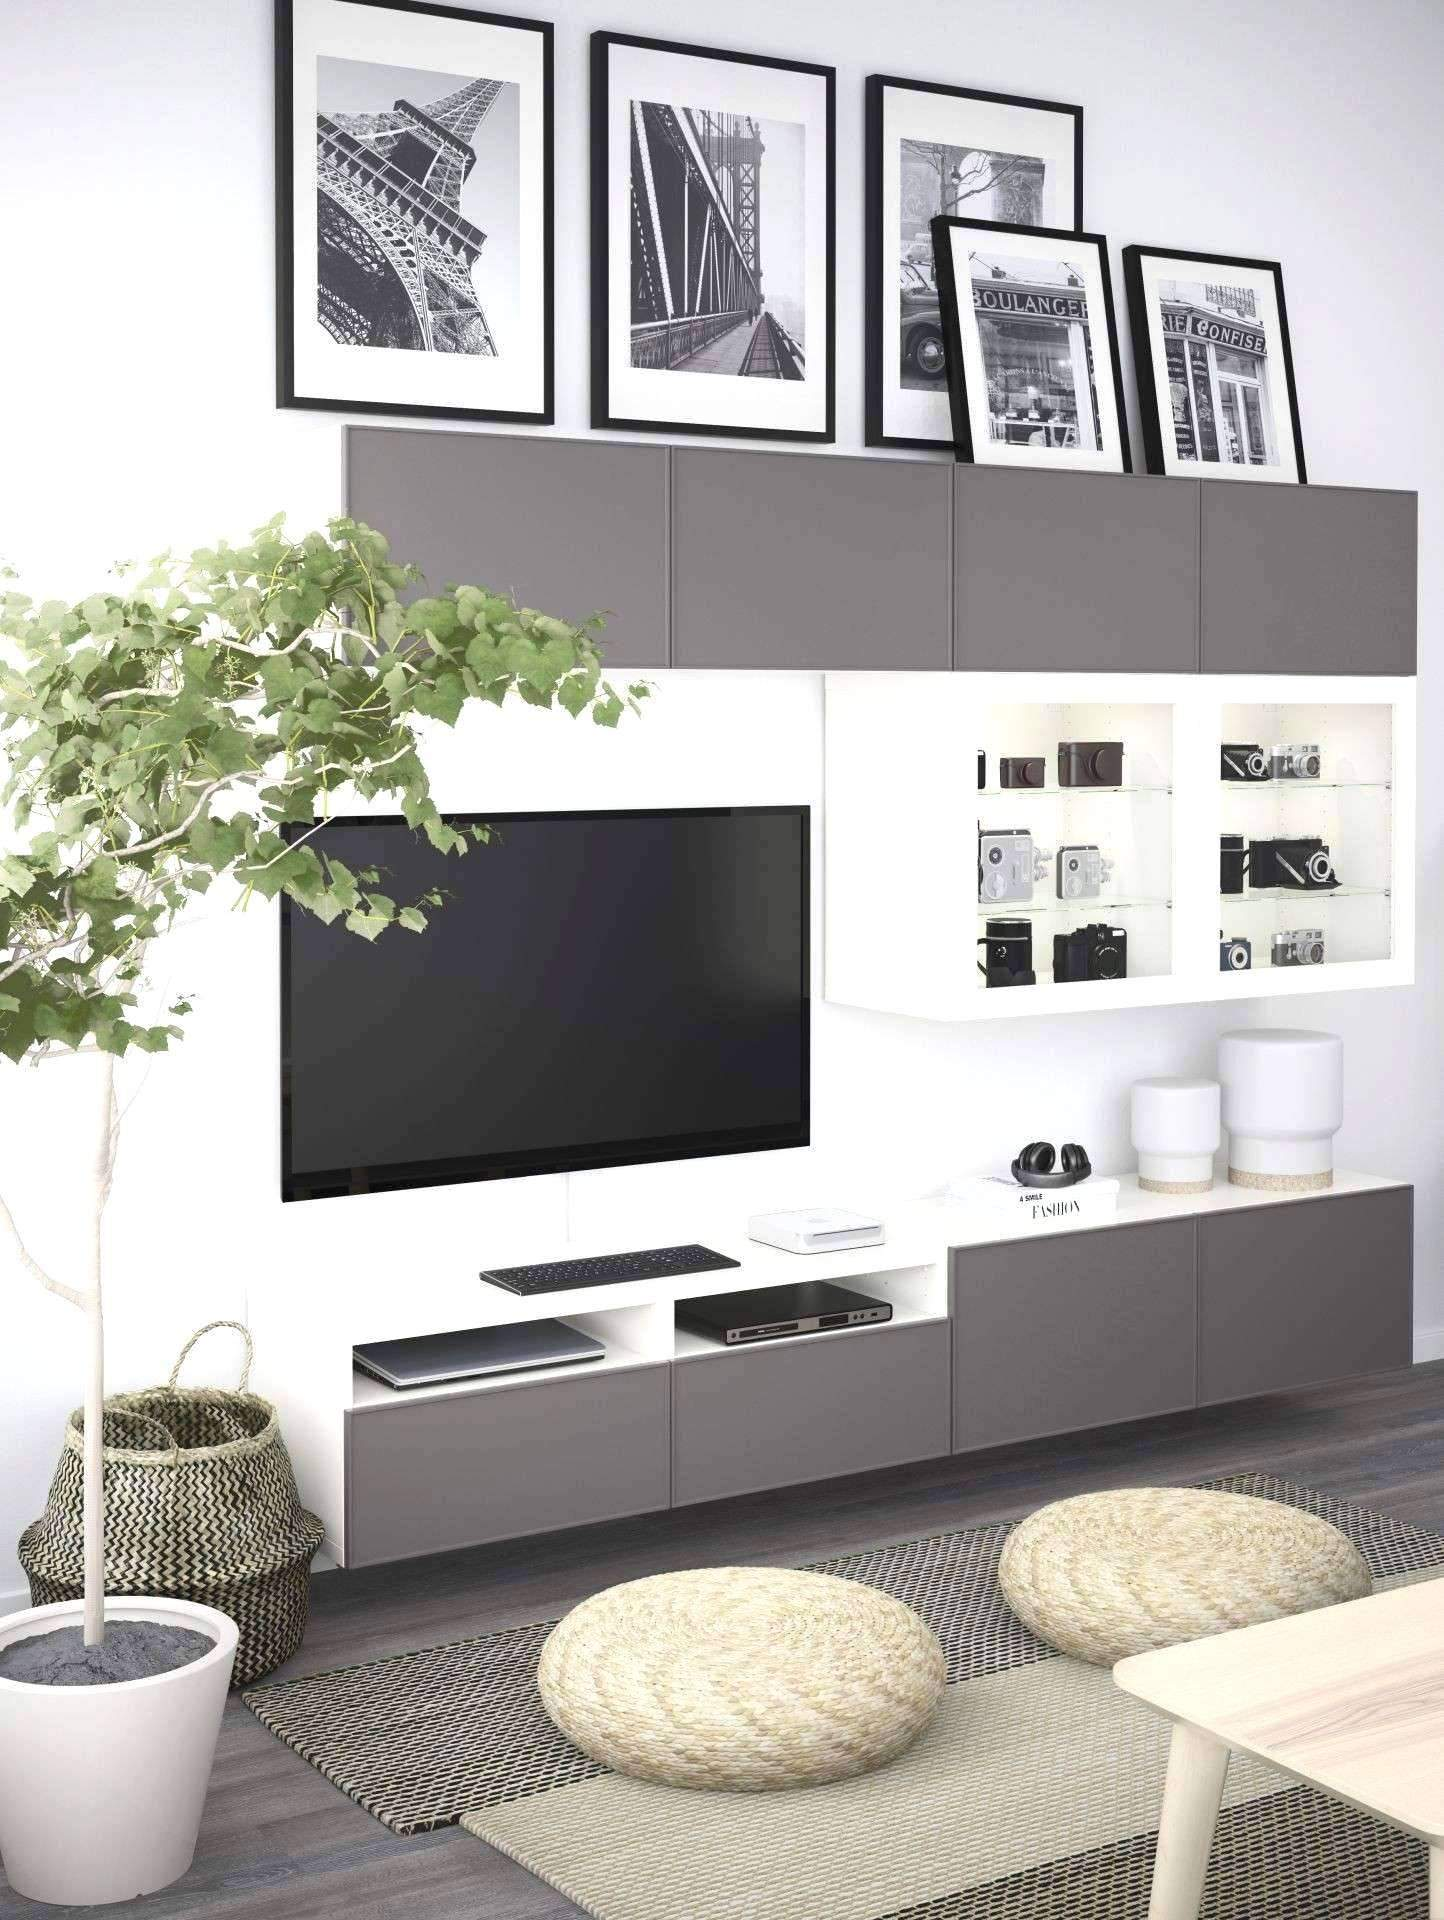 deko bilder wohnzimmer das beste von inspiration wohnzimmer deko frisch wohnzimmer deko schon of deko bilder wohnzimmer